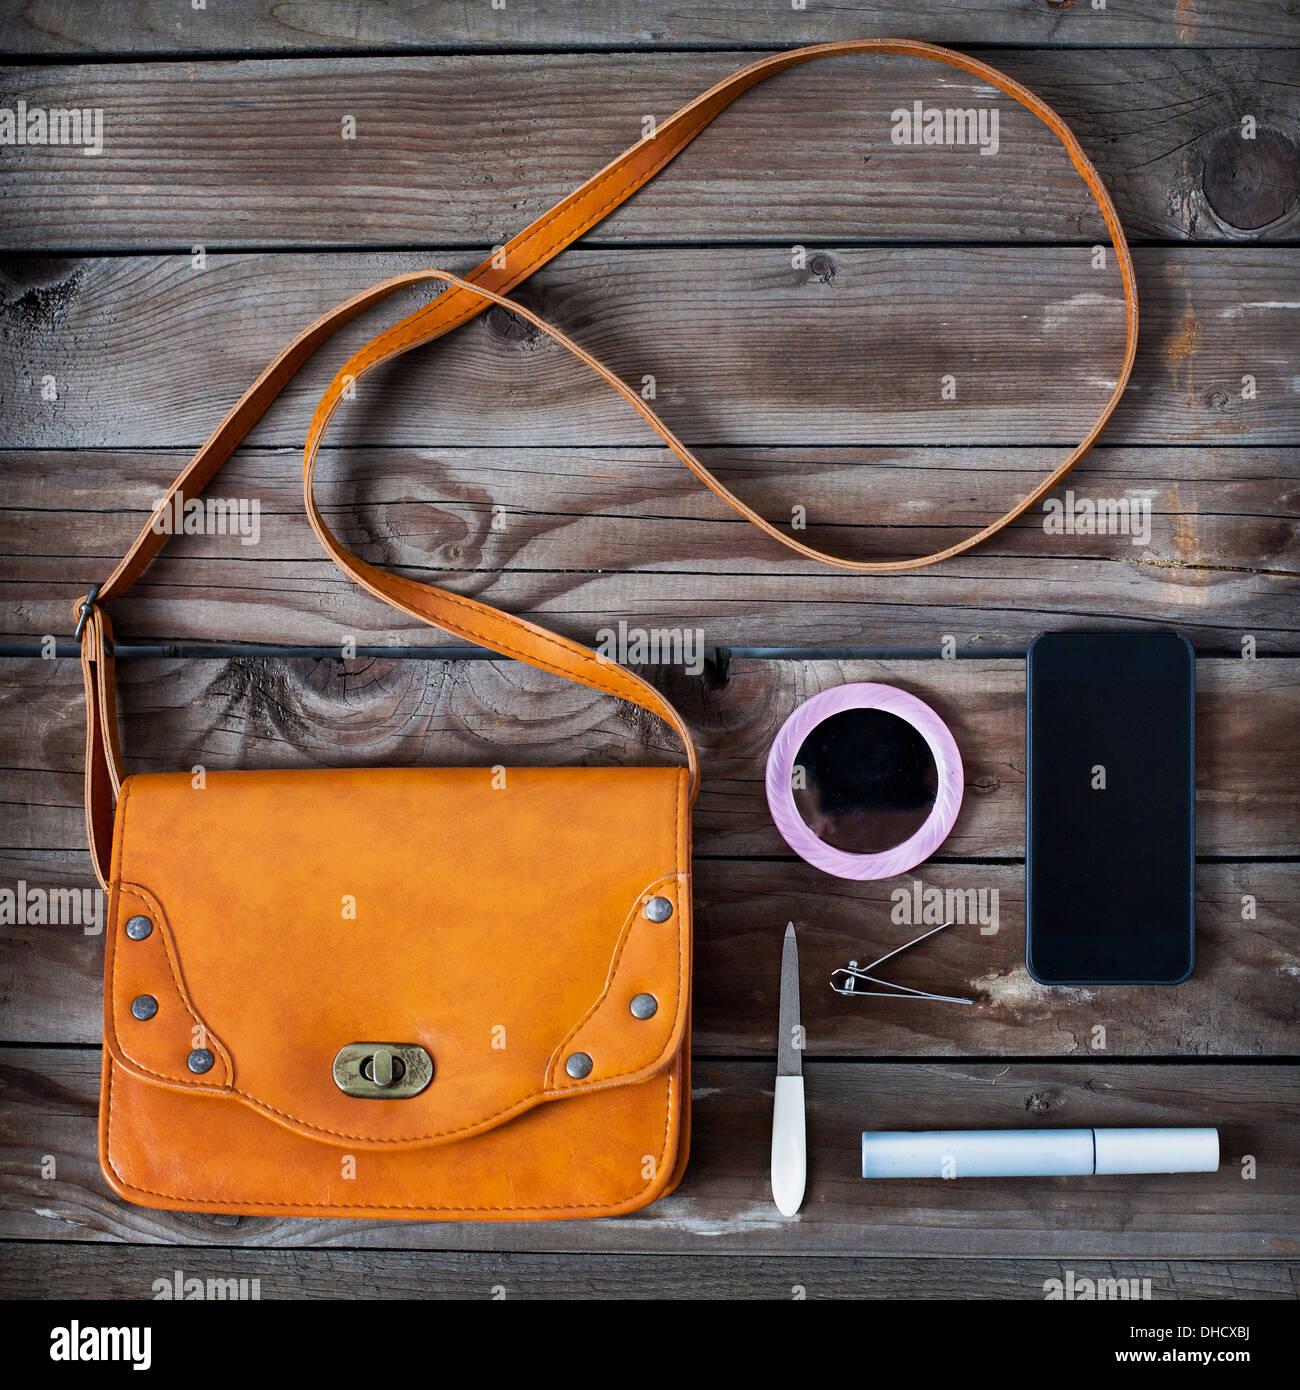 woman bag stuff, handbag - Stock Image